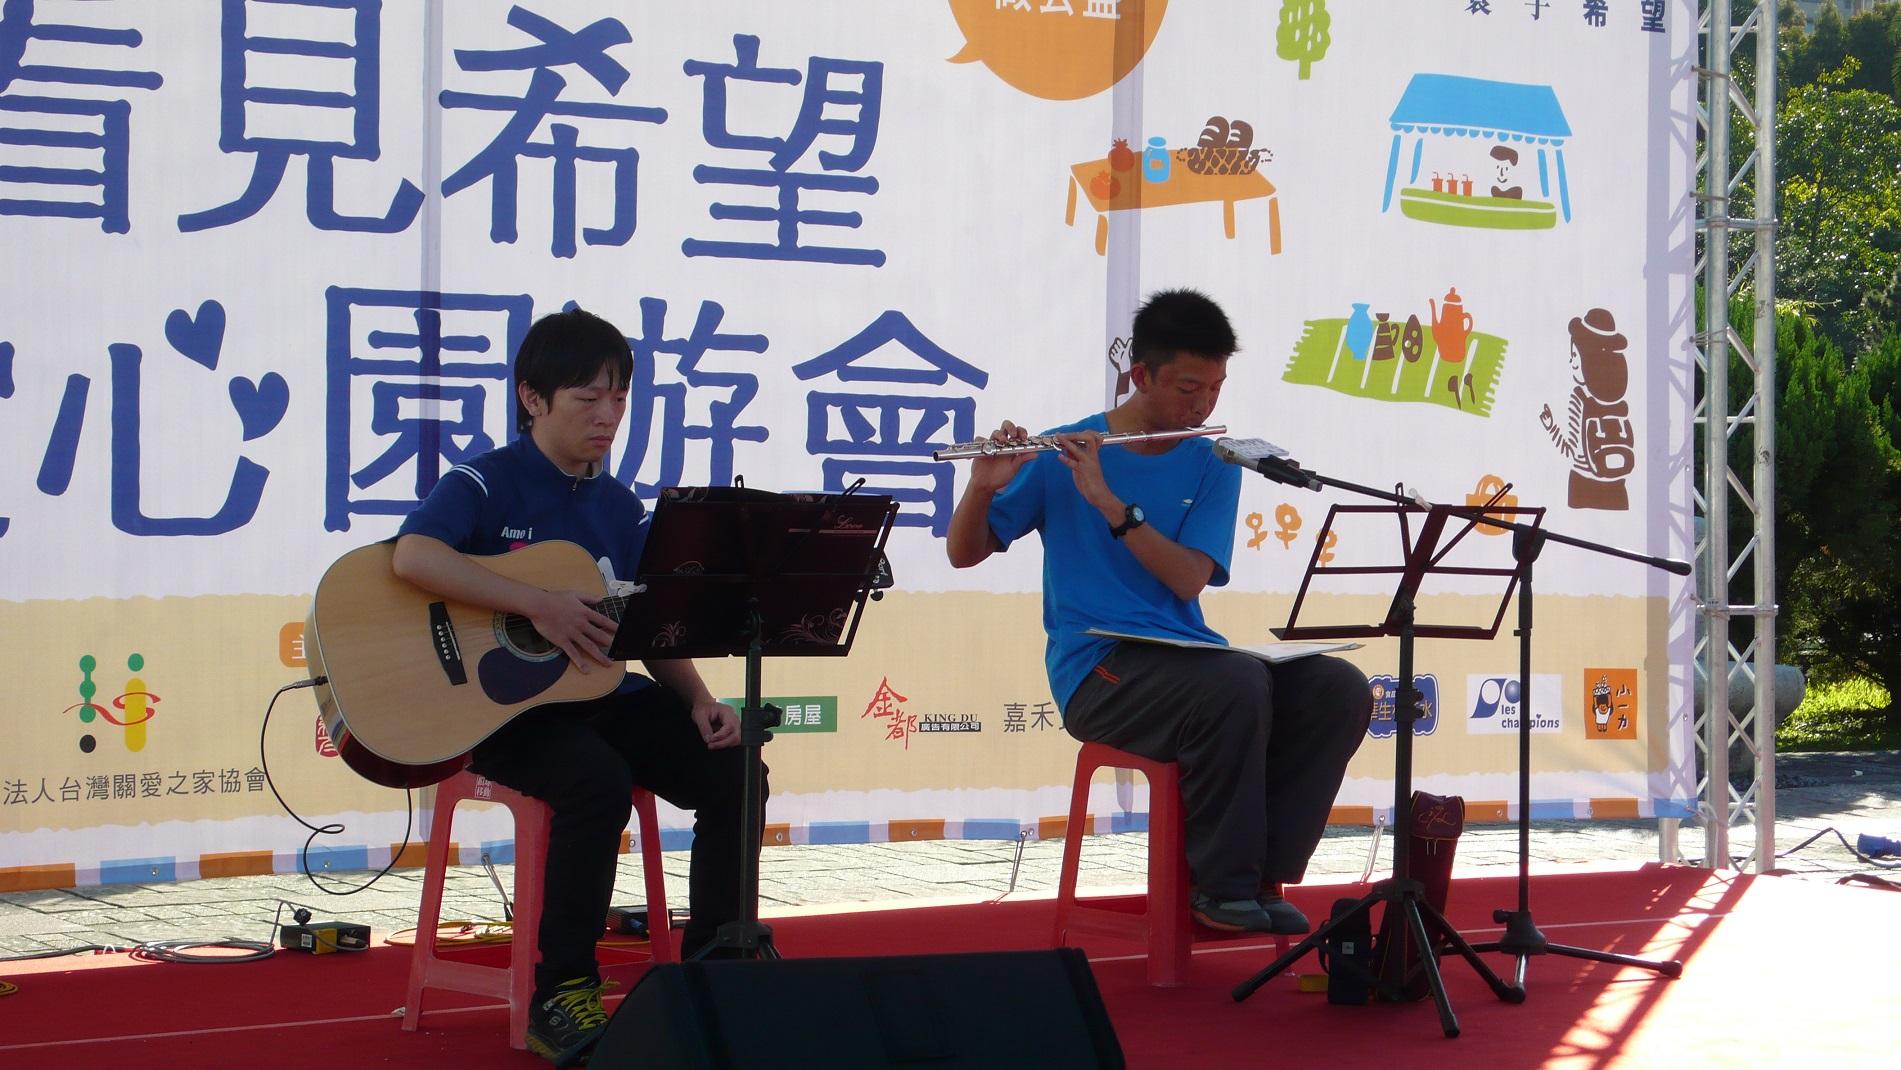 病友仁甫(右)表演長笛及逸正(左)表演吉它。